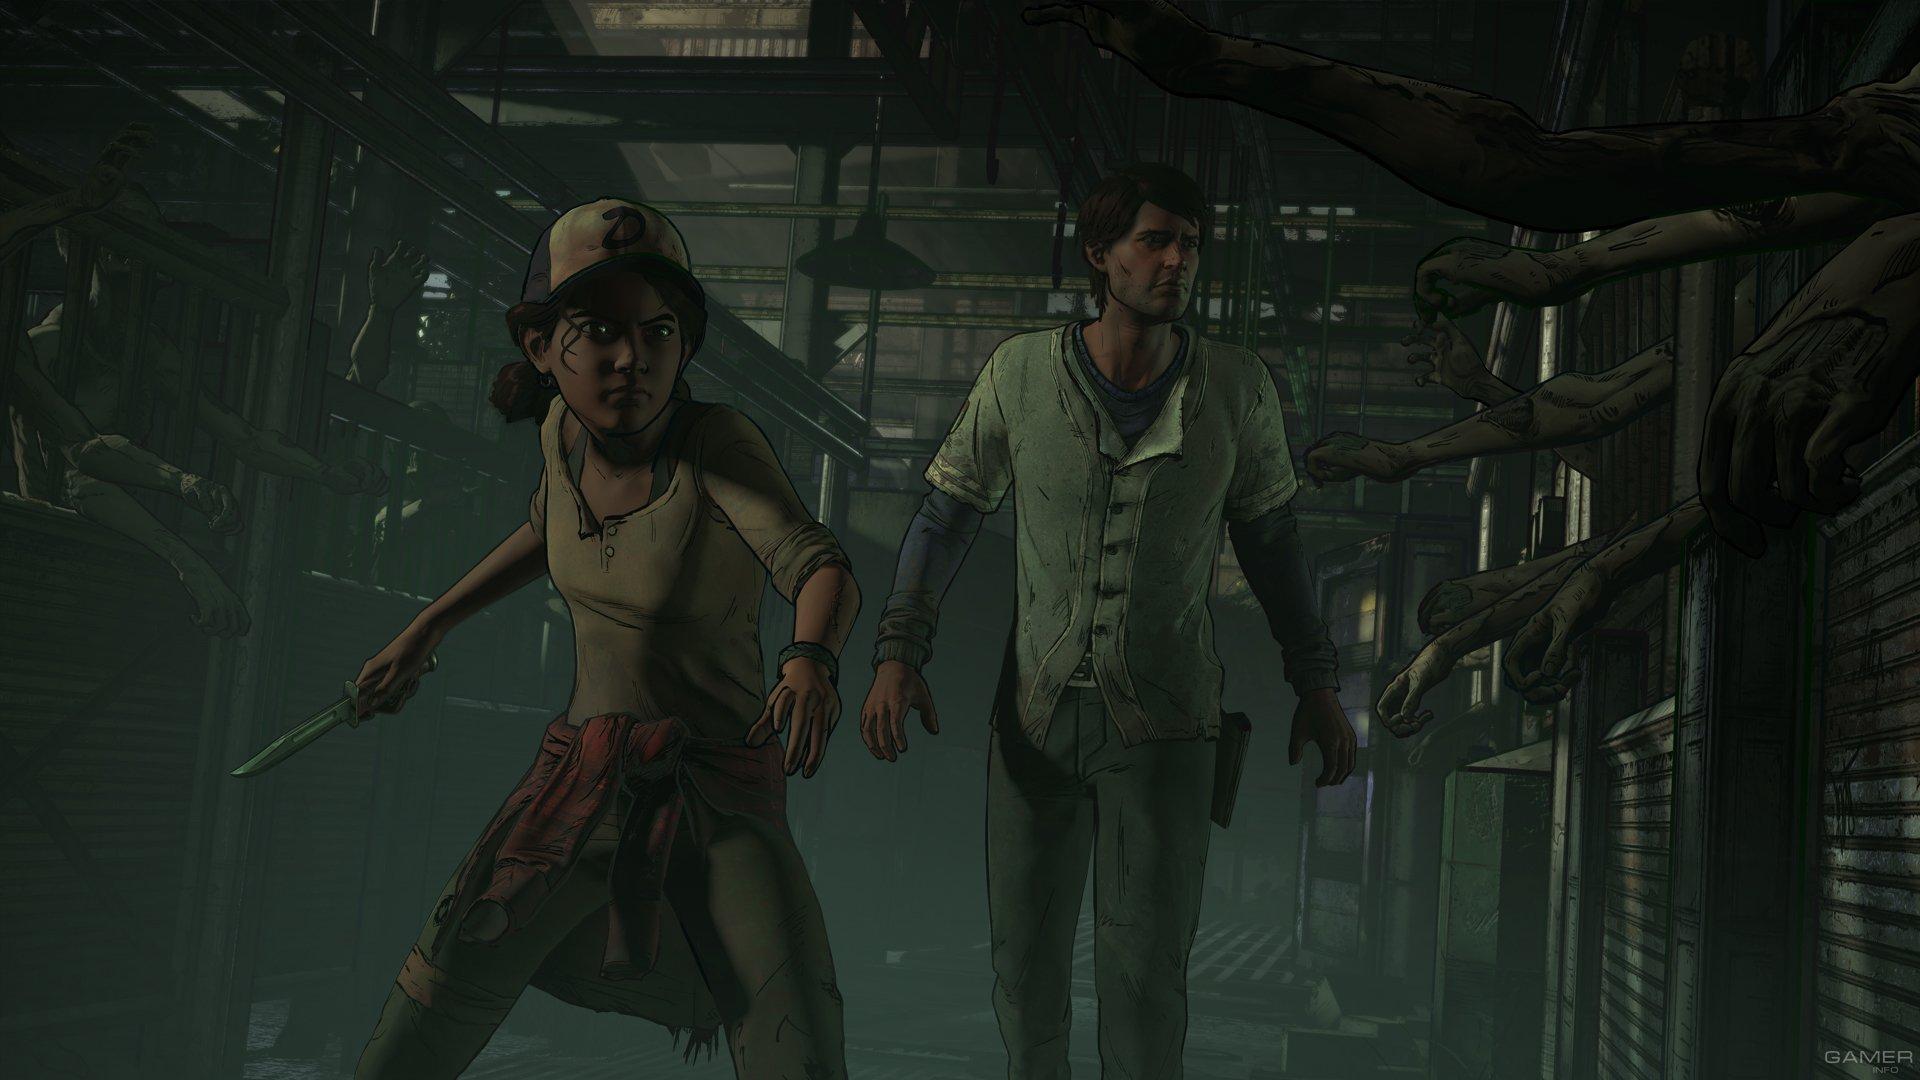 Премьера третьего сезона The Walking Dead состоится в ноябре